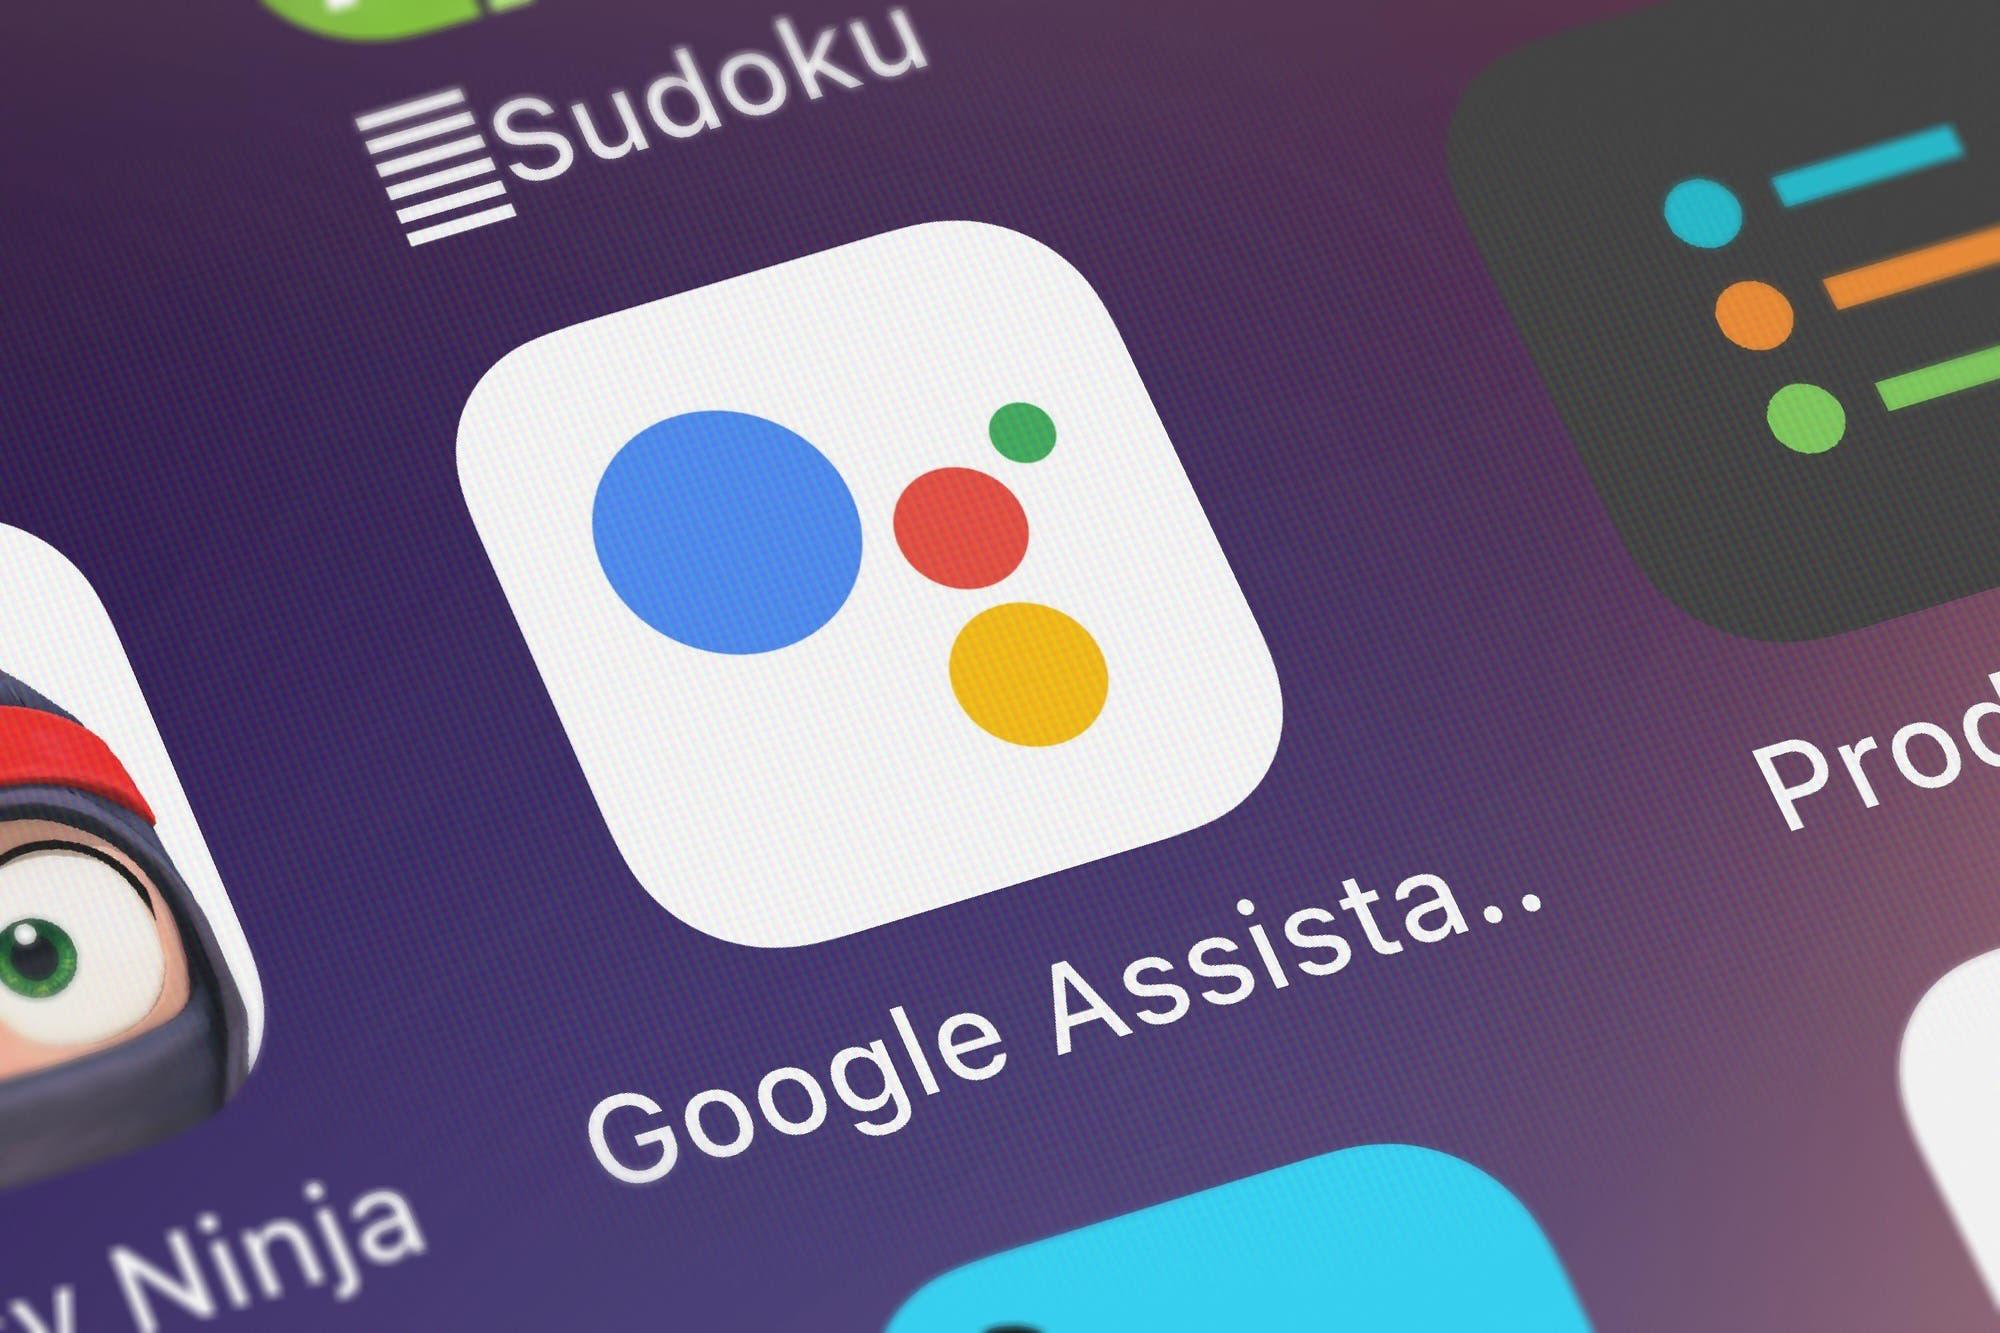 Google habilita un traductor de idiomas en tiempo real para que lleves en el celular en tus próximas vacaciones